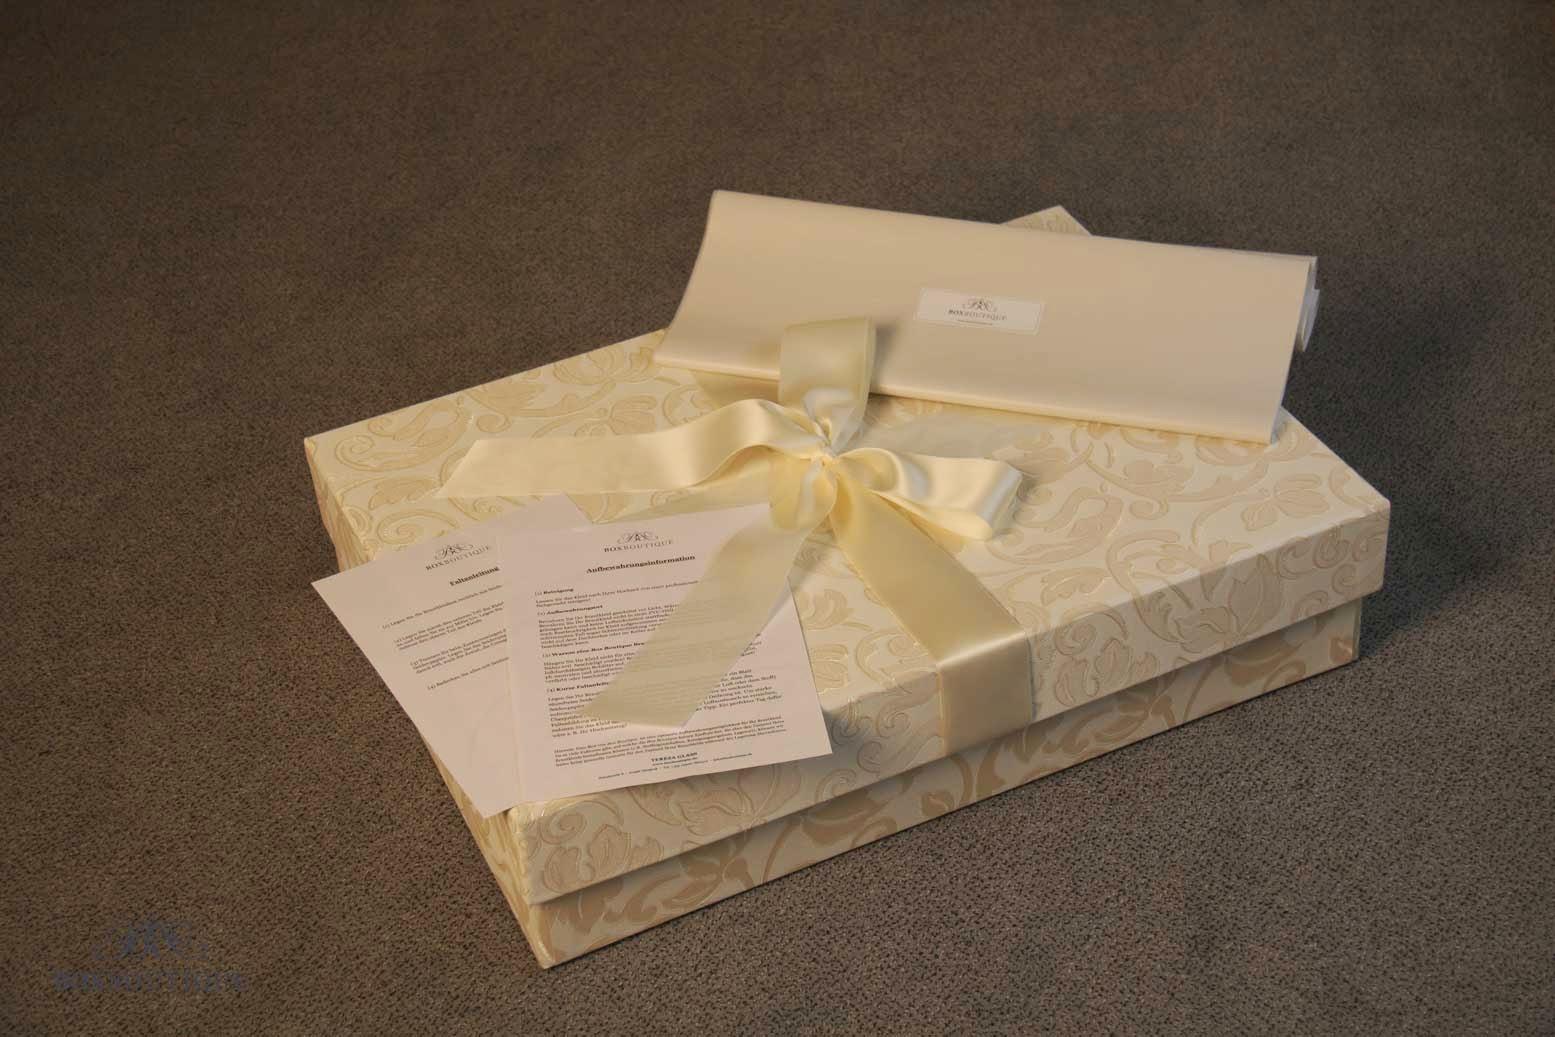 Die Brautkleidbox wird inkl. Satinschleife, säurefreiem Seidenpapier, Aufbewahrungsinformation und Faltanleitung geliefert.